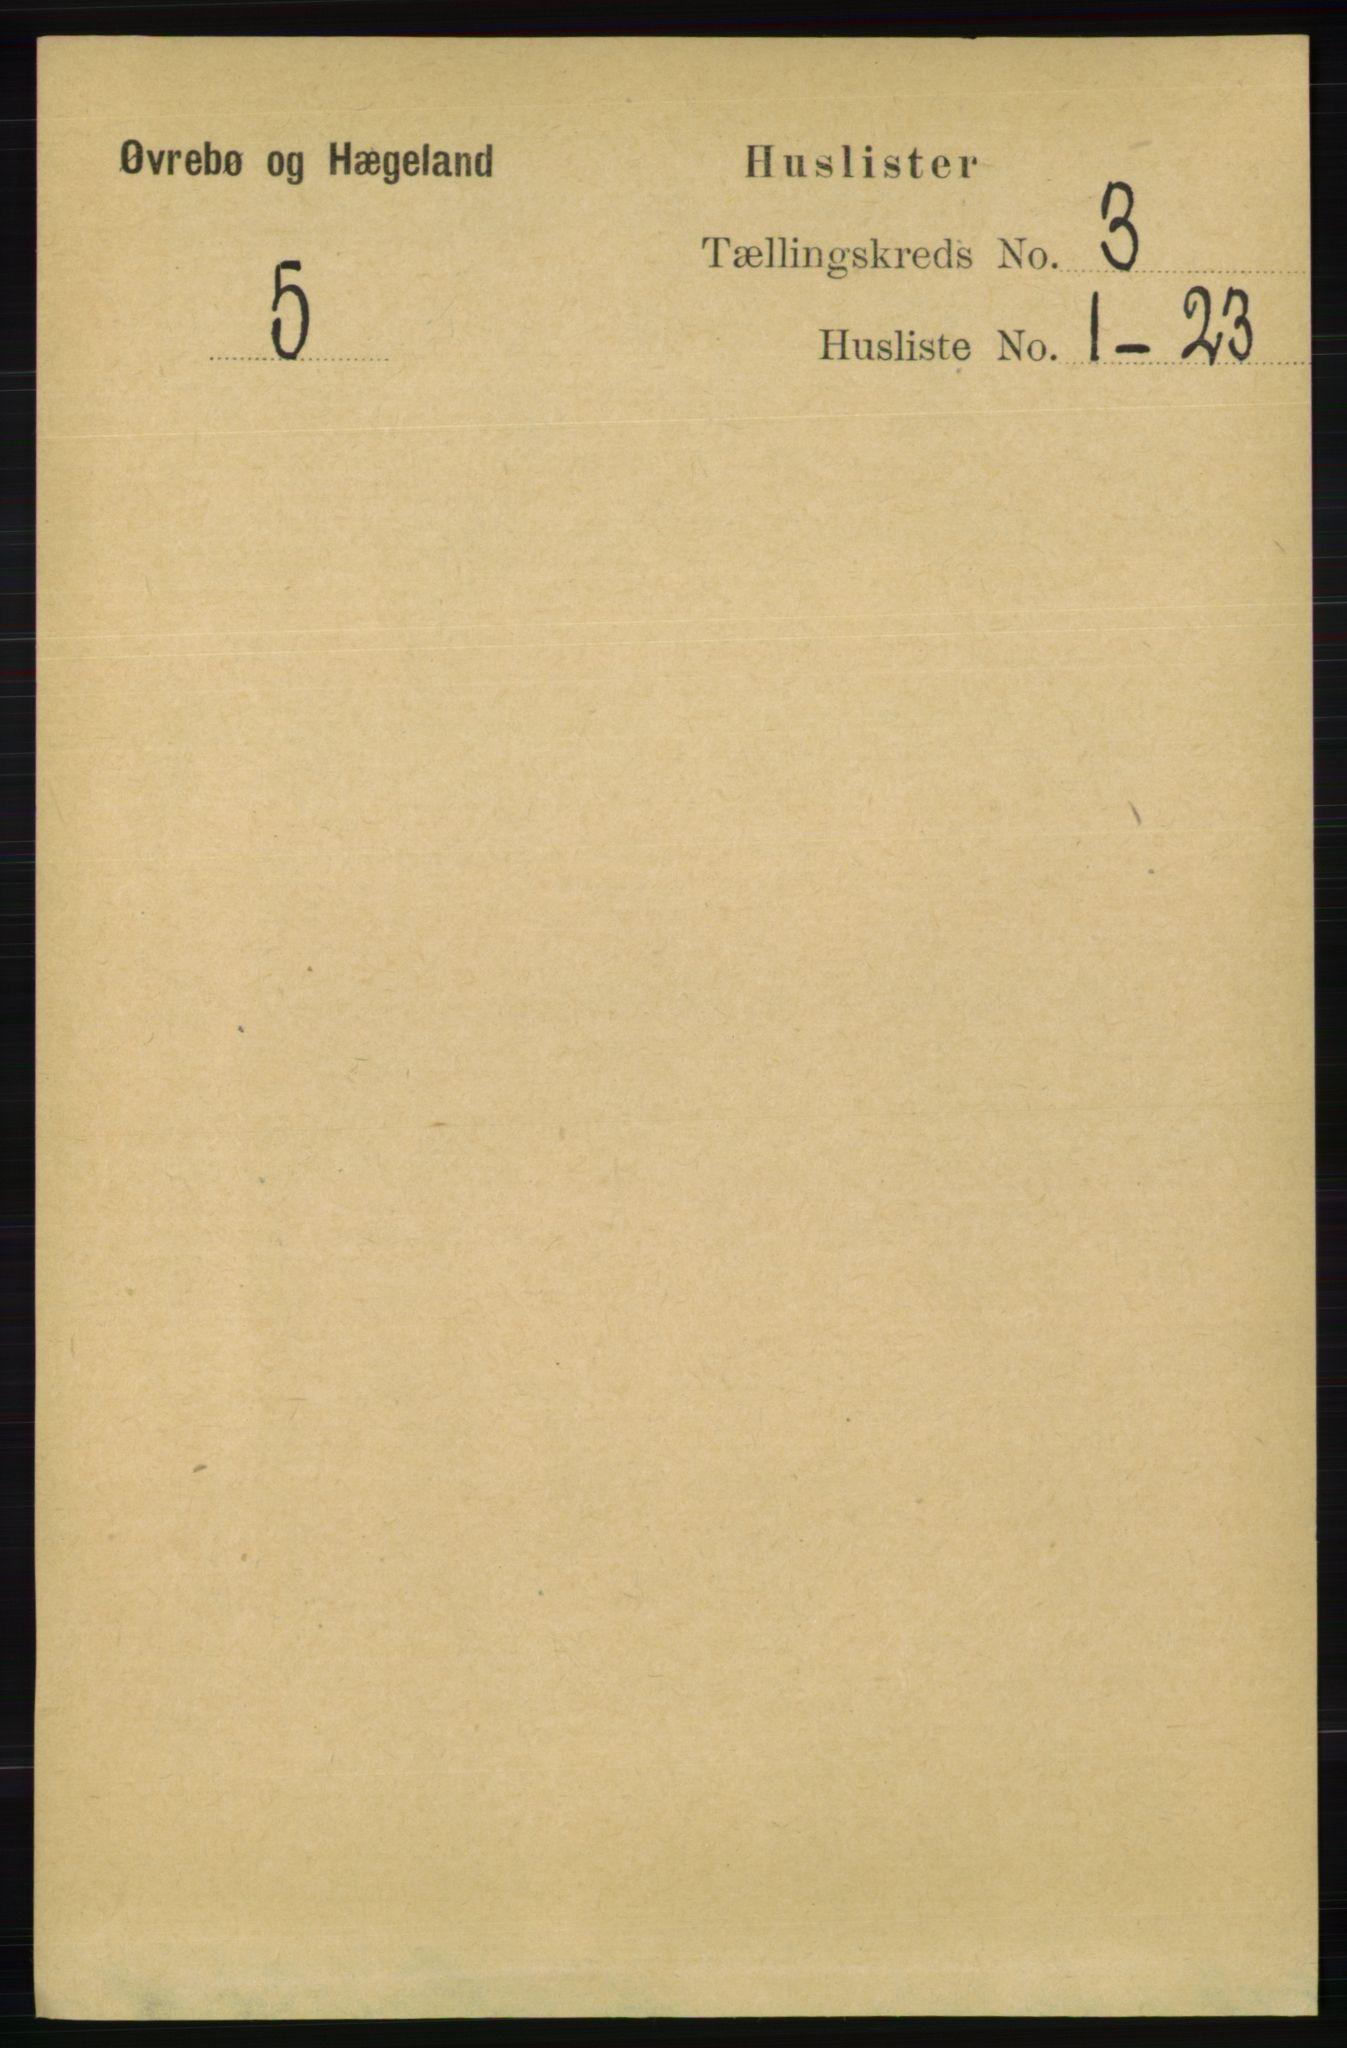 RA, Folketelling 1891 for 1016 Øvrebø og Hægeland herred, 1891, s. 498